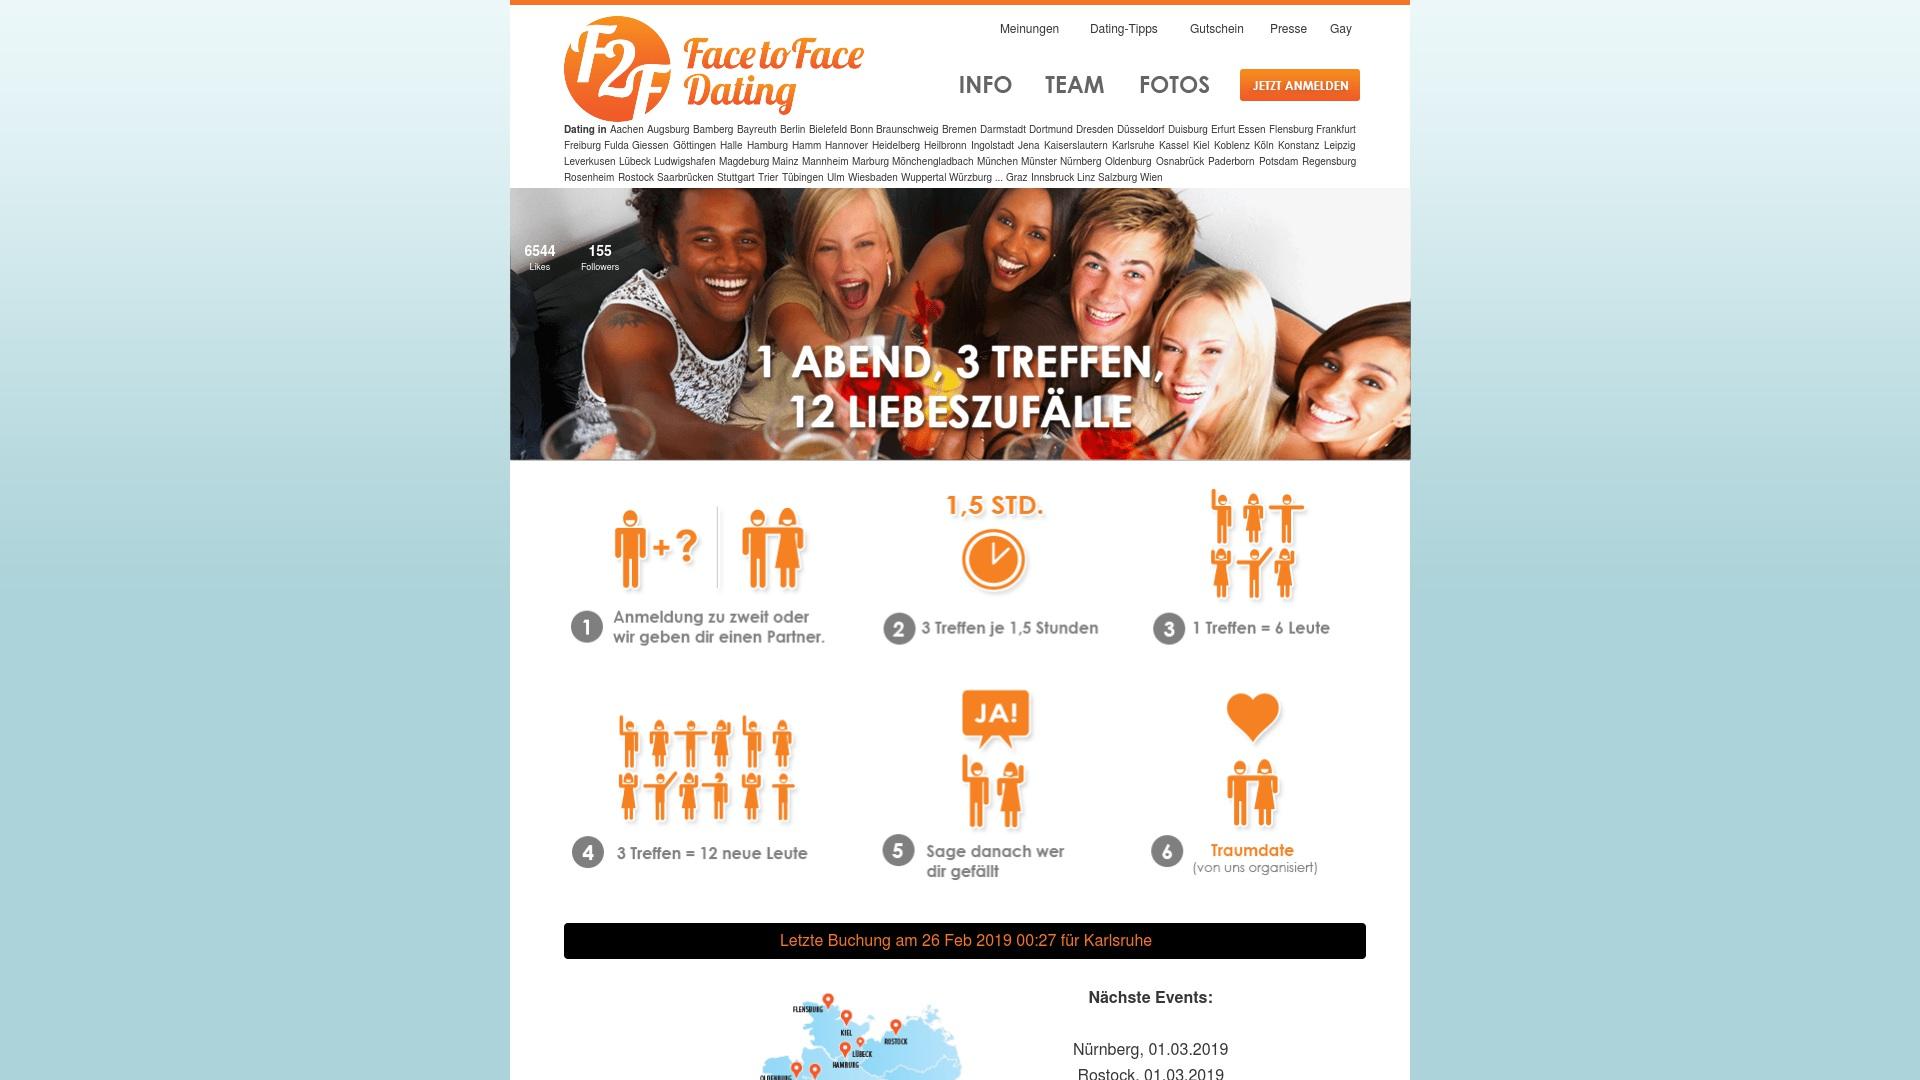 Gutschein für Face-to-face-dating: Rabatte für  Face-to-face-dating sichern